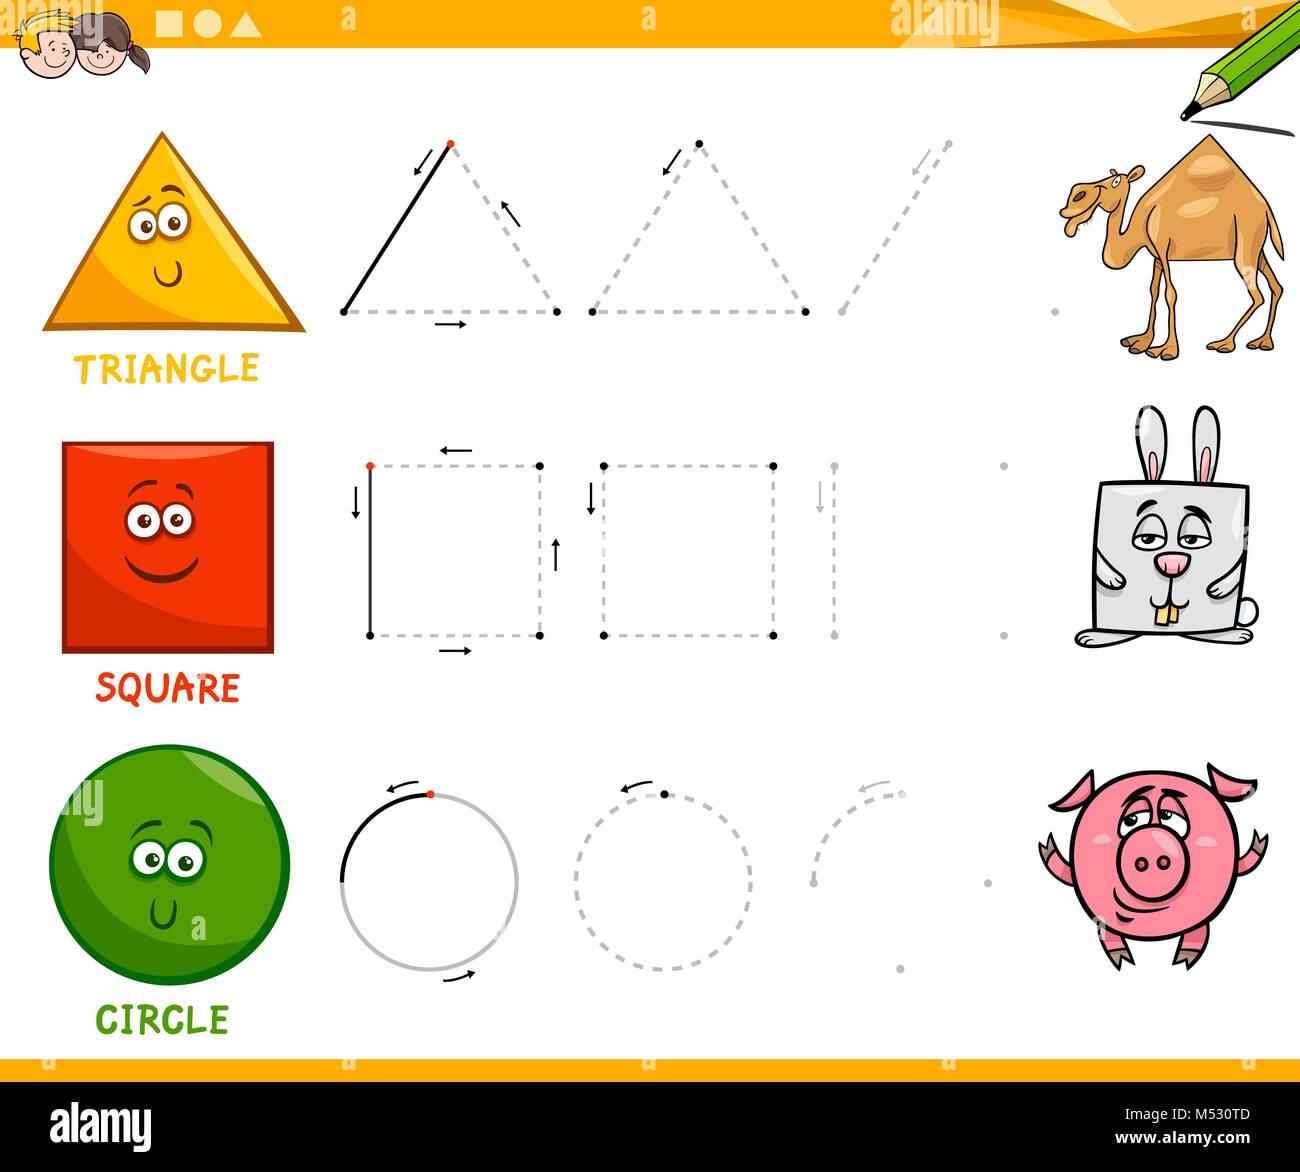 Fantastisch Geometrie Wort Probleme Arbeitsblatt Bilder ...